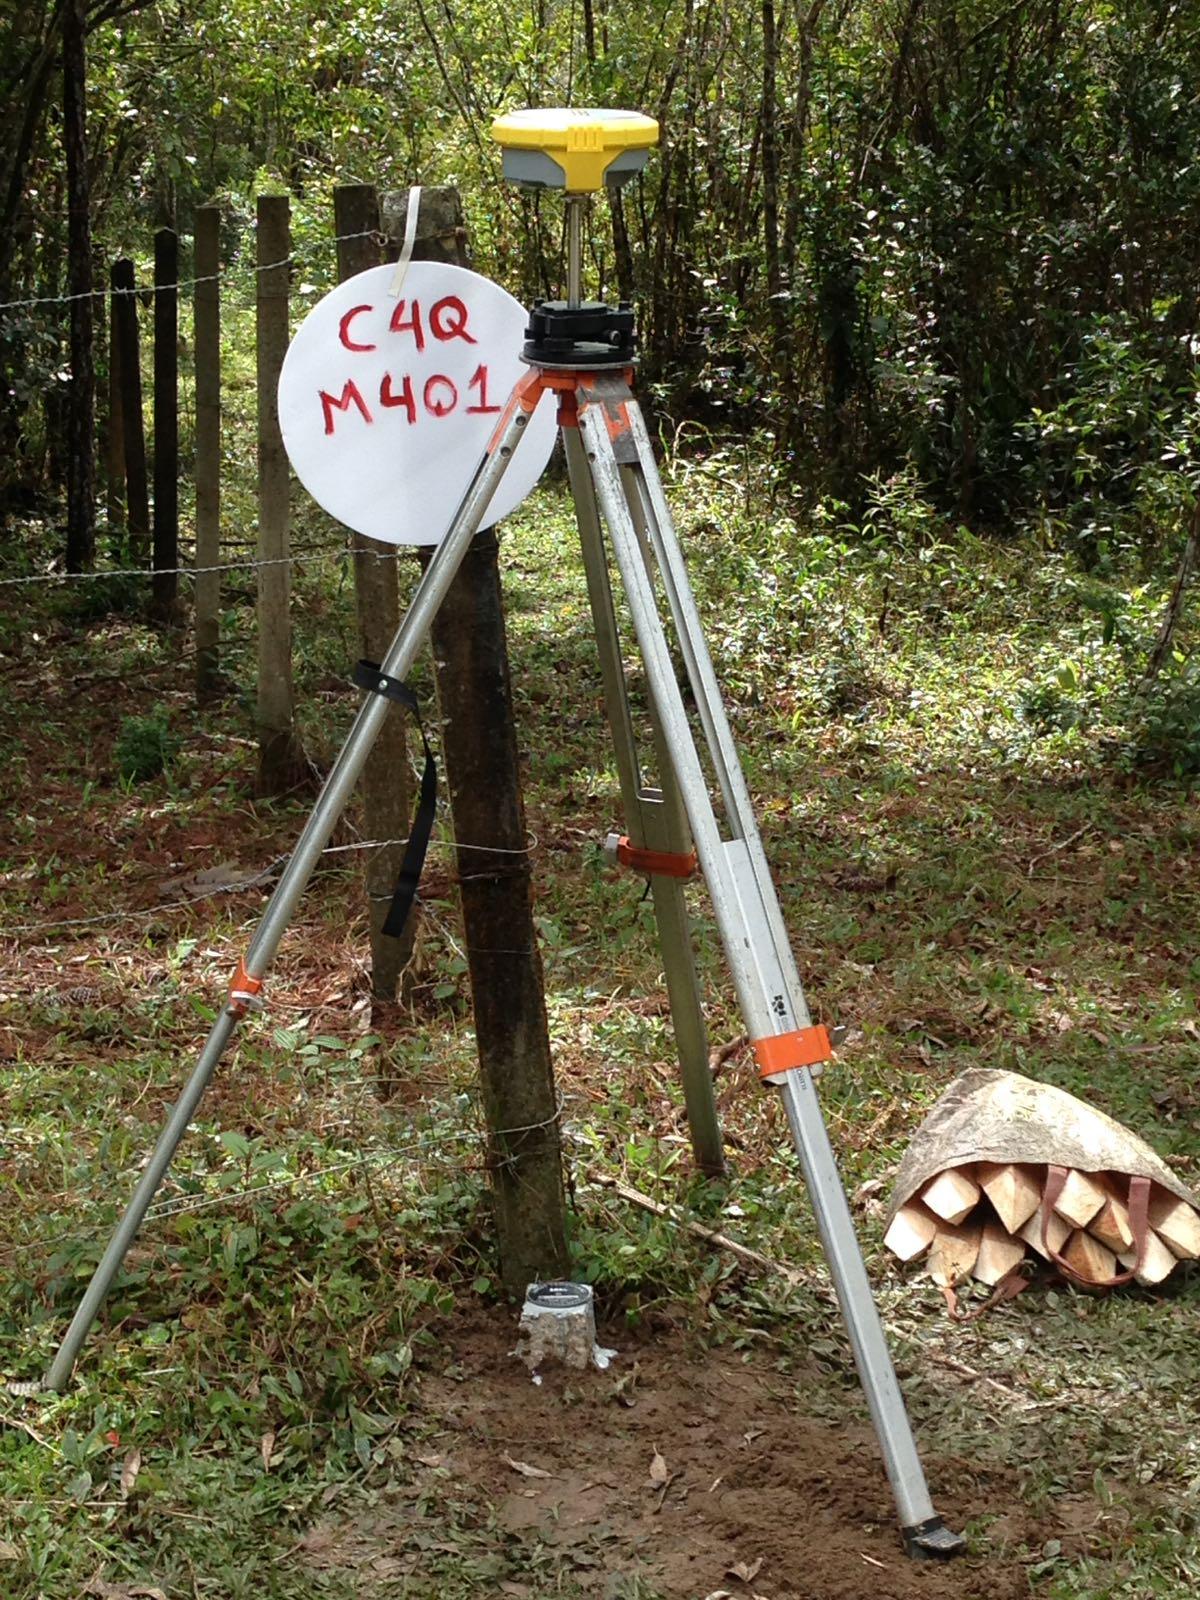 Equipamento para medição de empresa especializada em Georreferenciamento